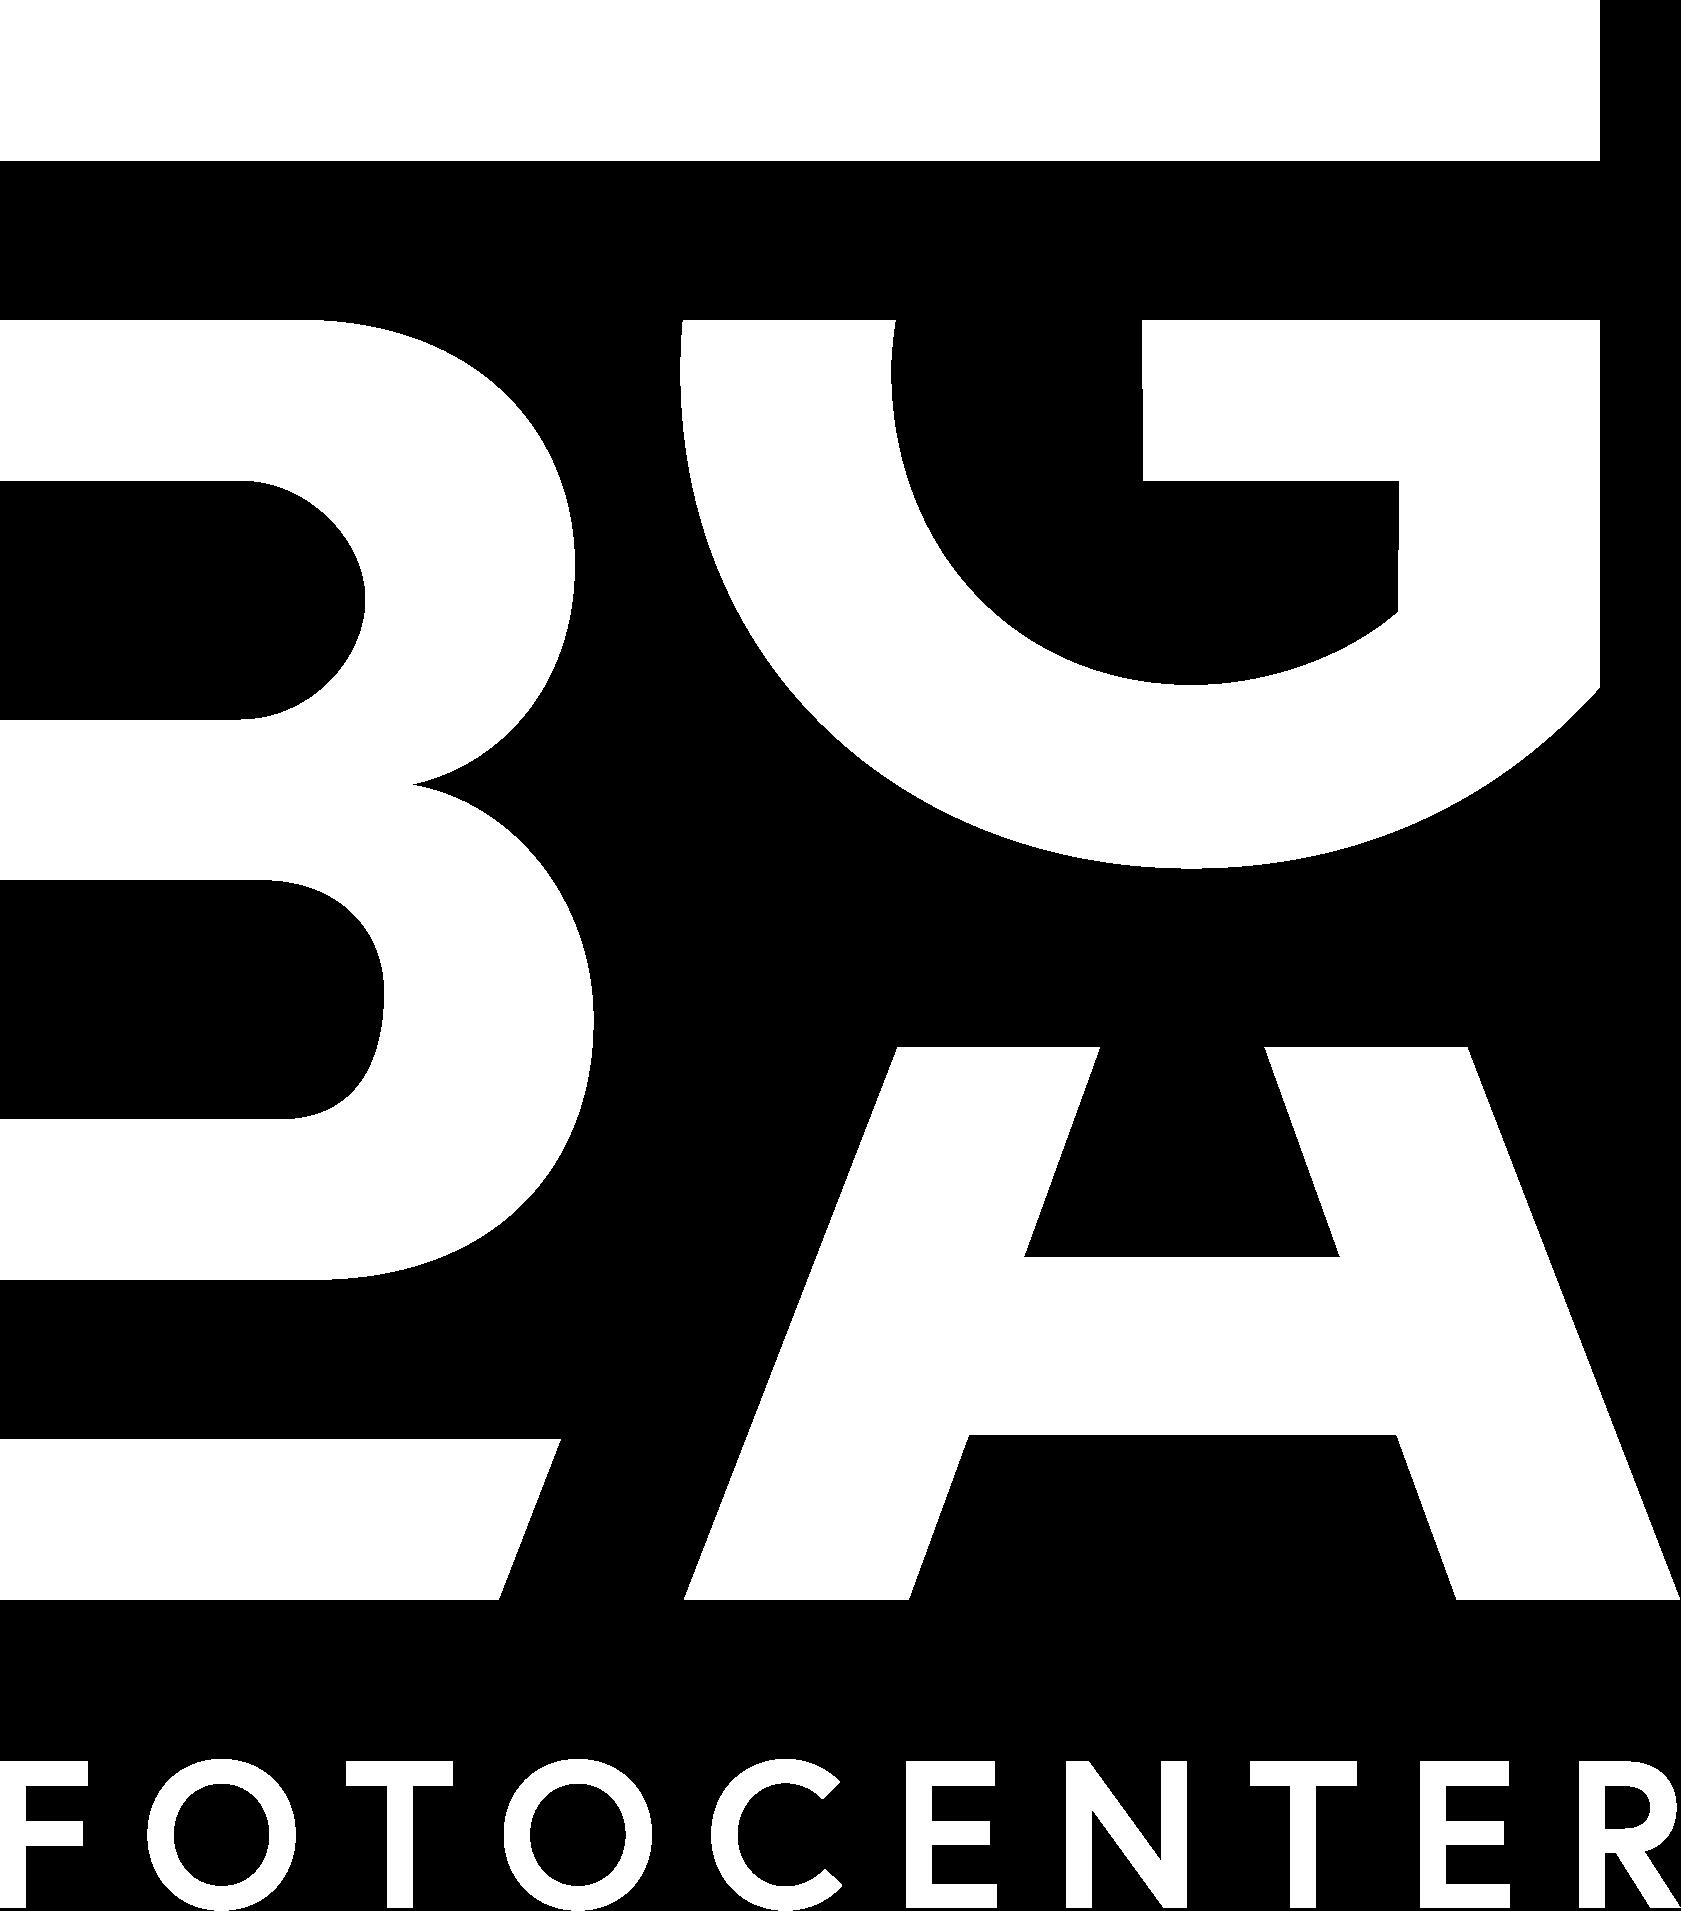 BGA Fotocenter